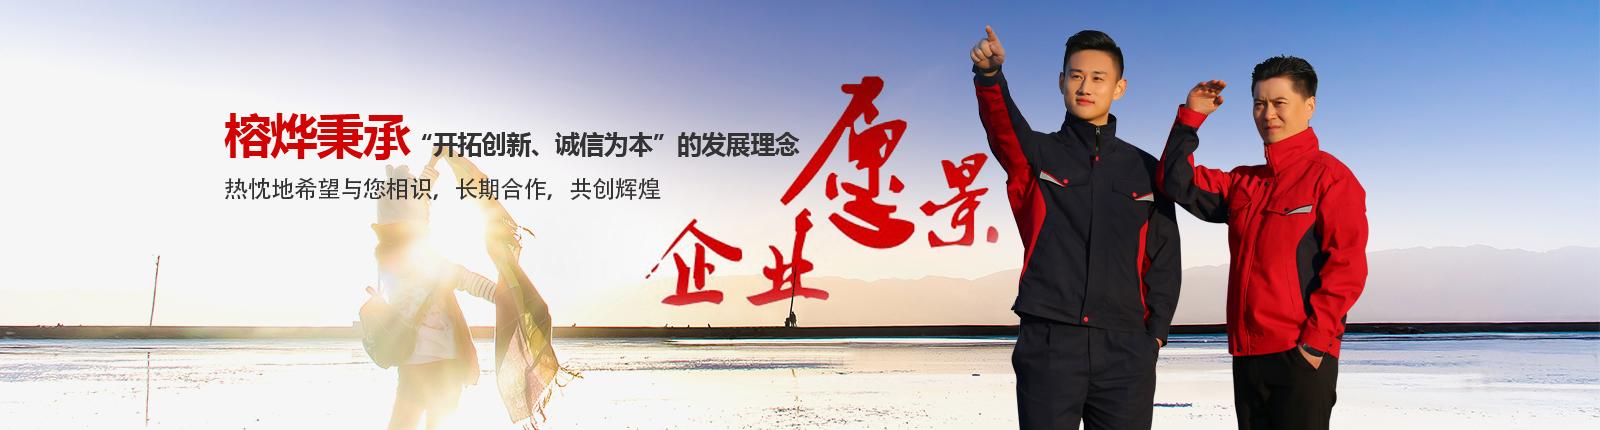 重庆工作服定制谈谈选择秋季工作服的注意事项!